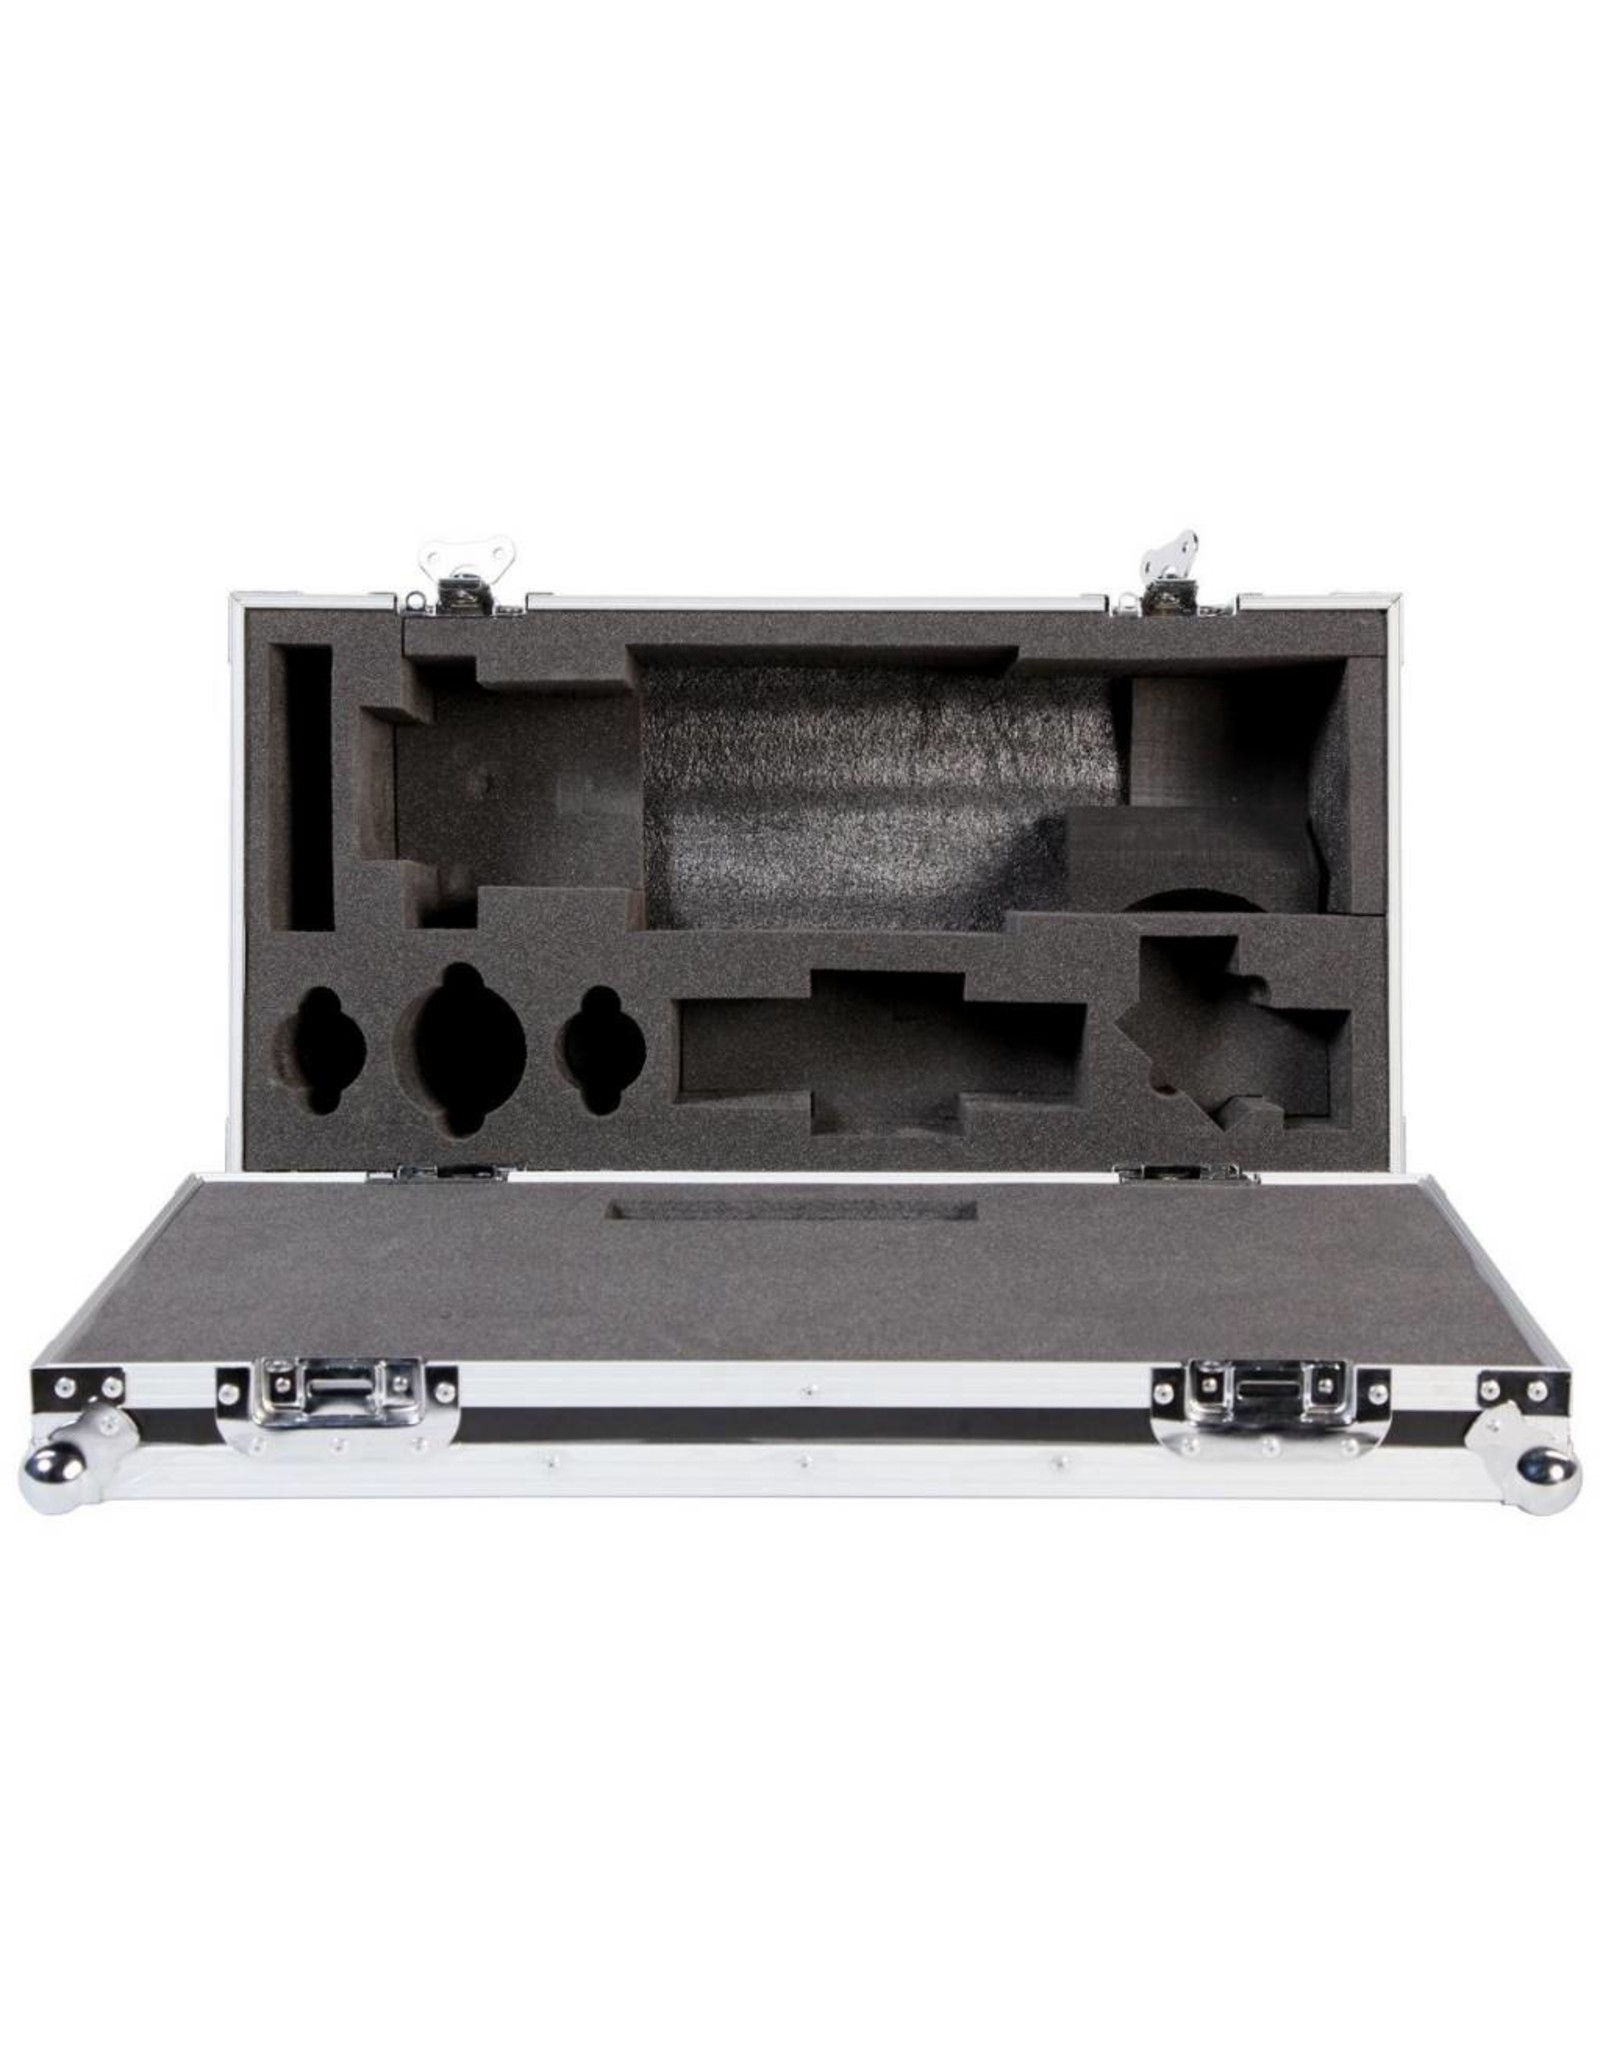 Explore Scientific Explore Scientific ED102 Hard Carry Case (COSMETIC BLEM)